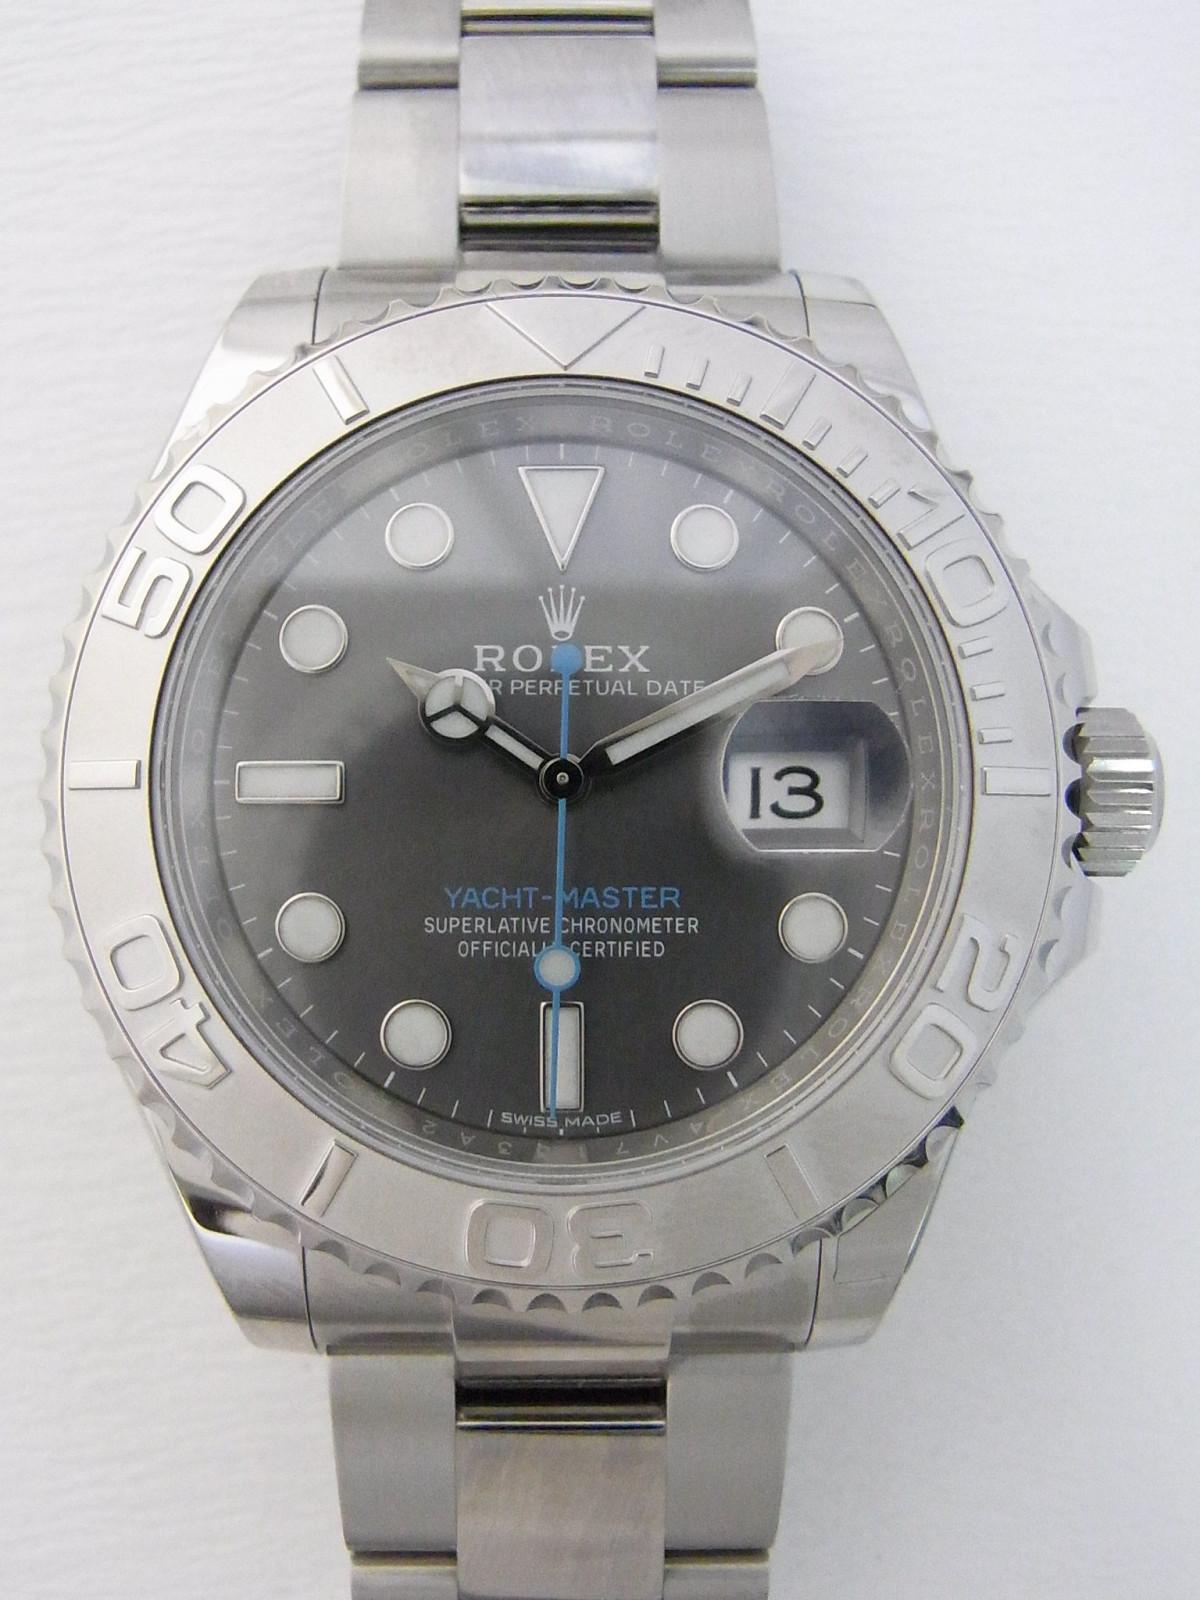 22fda6d67cb Rolex Yacht master relógio usados (€20